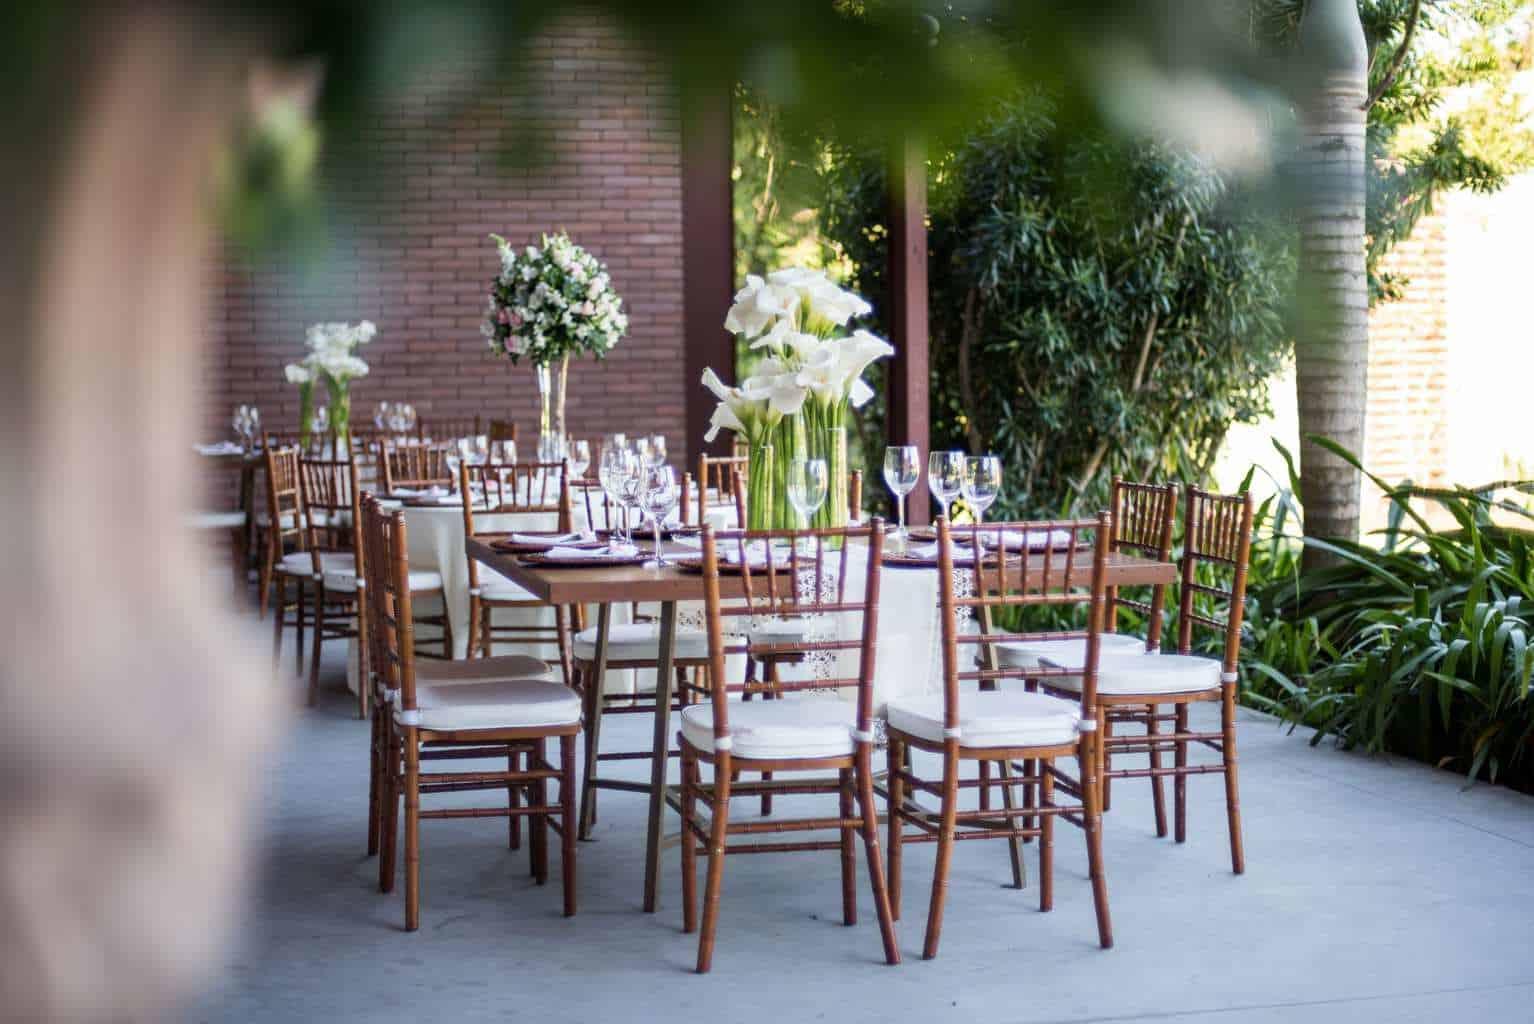 casamento-de-dia-casamento-Nicole-e-Thales-casamento-no-jardim-csasamento-ao-ar-livre-Fotografia-Marina-Fava-Galeria-Jardim-Rio-de-Janeiro-17